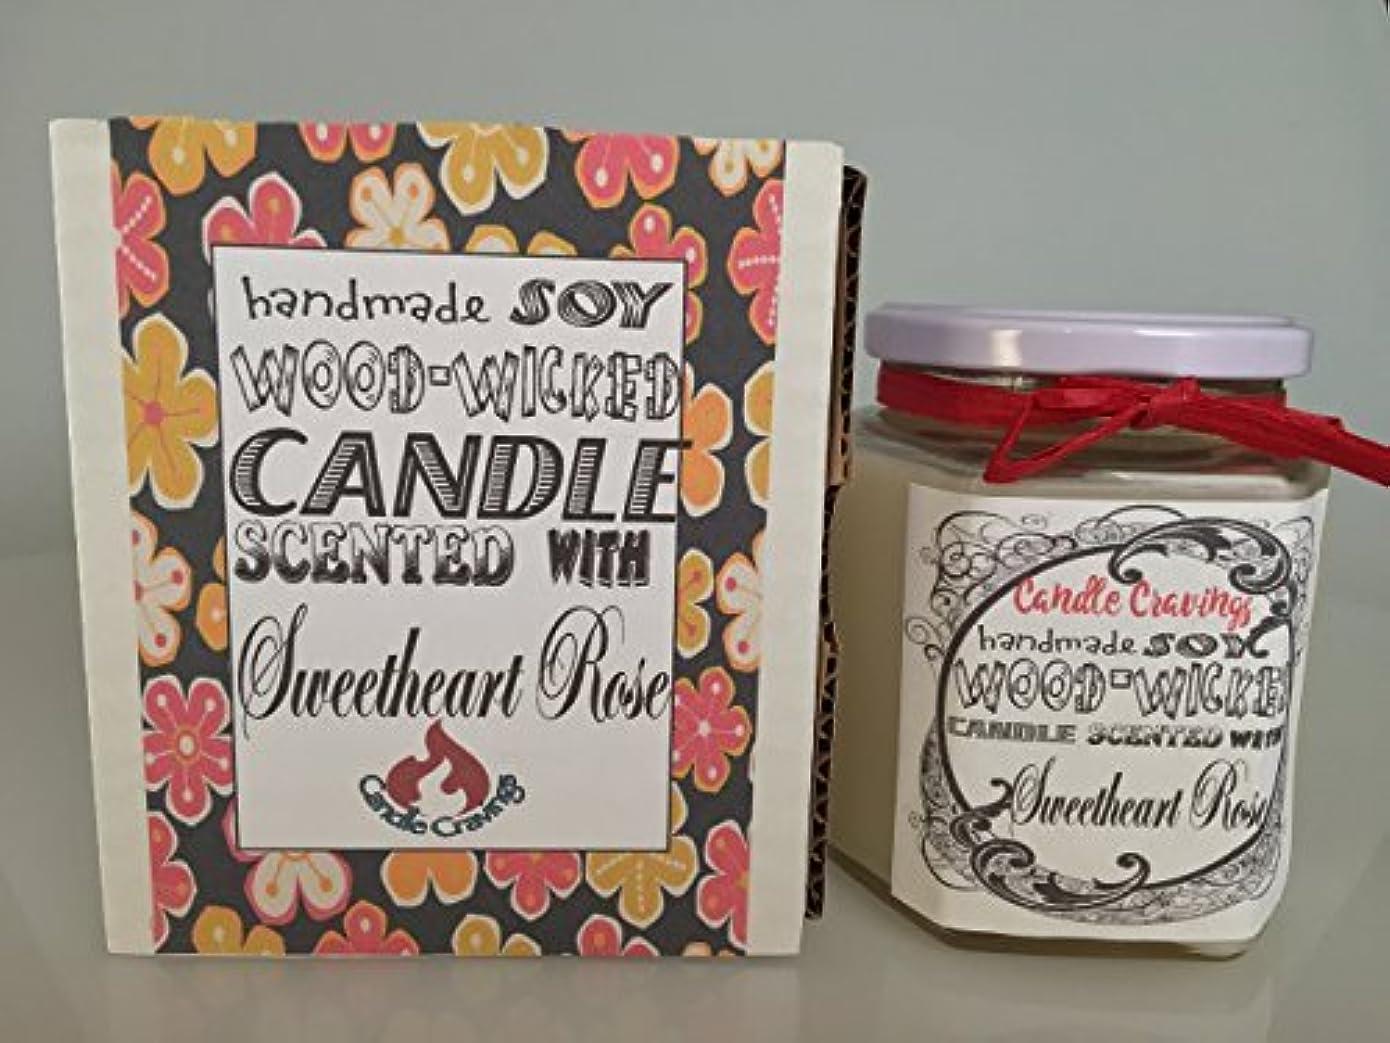 権限ガイダンス器具Sweetheart Roses Scented Soy Wax Container Candle With Wood Wick 12 Oz US Handmade [並行輸入品]